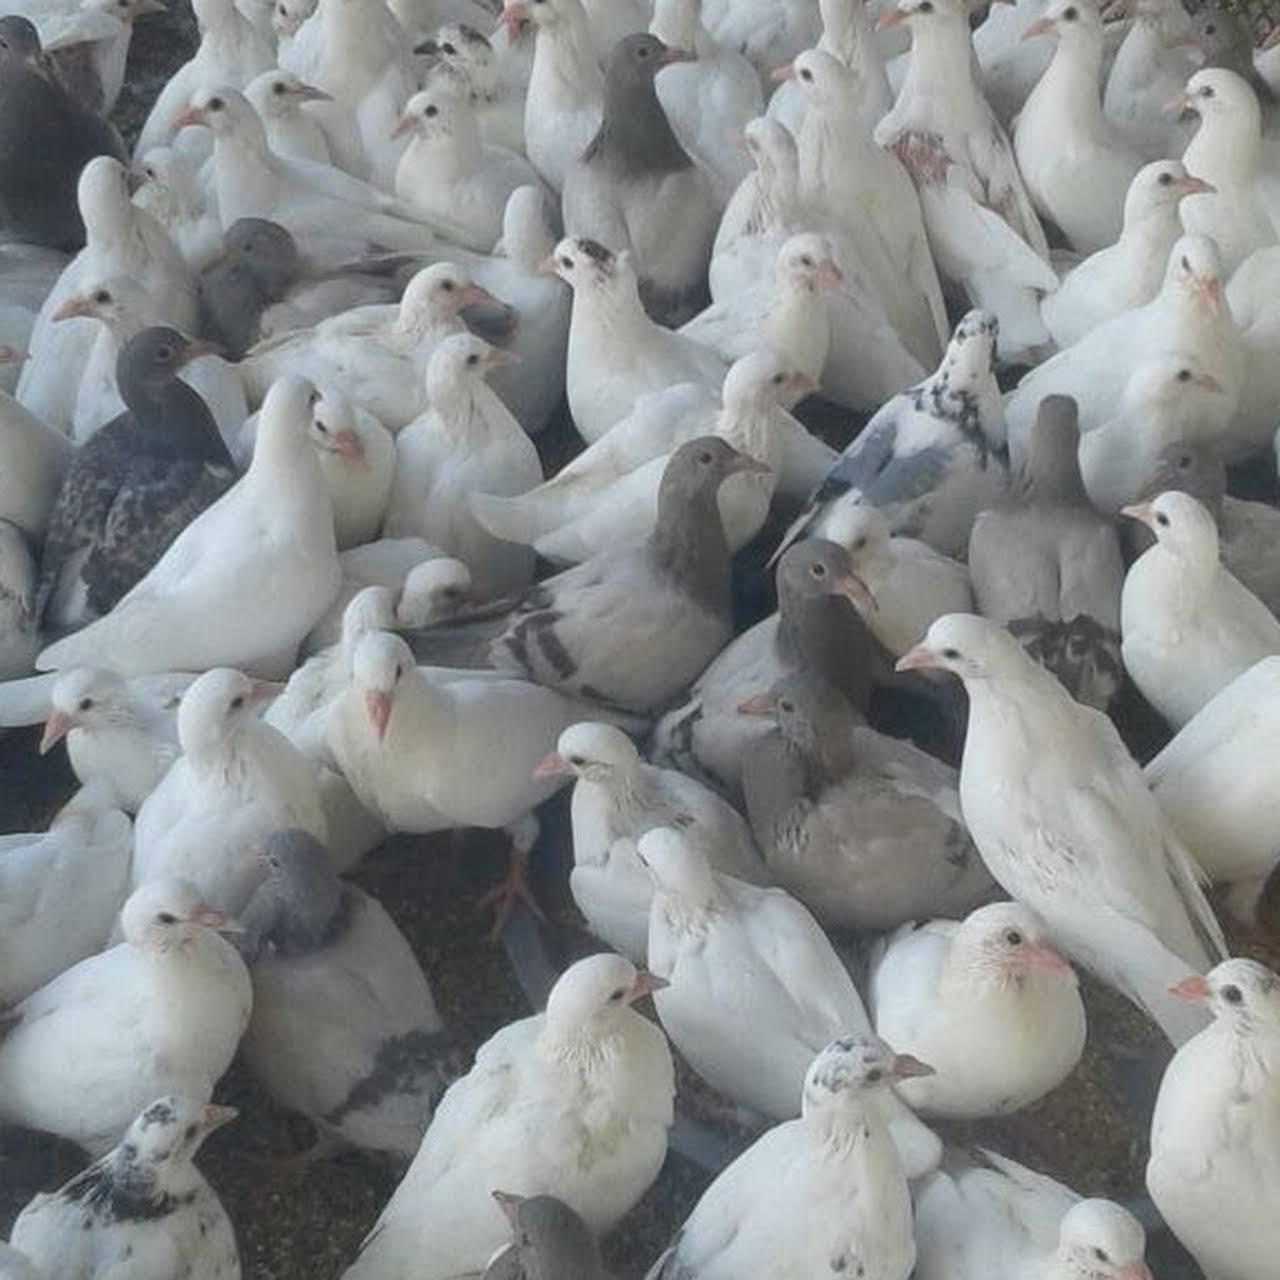 الدواجن البلدي زغاليل الحمام الفرنسي متجر طيور في الطائف